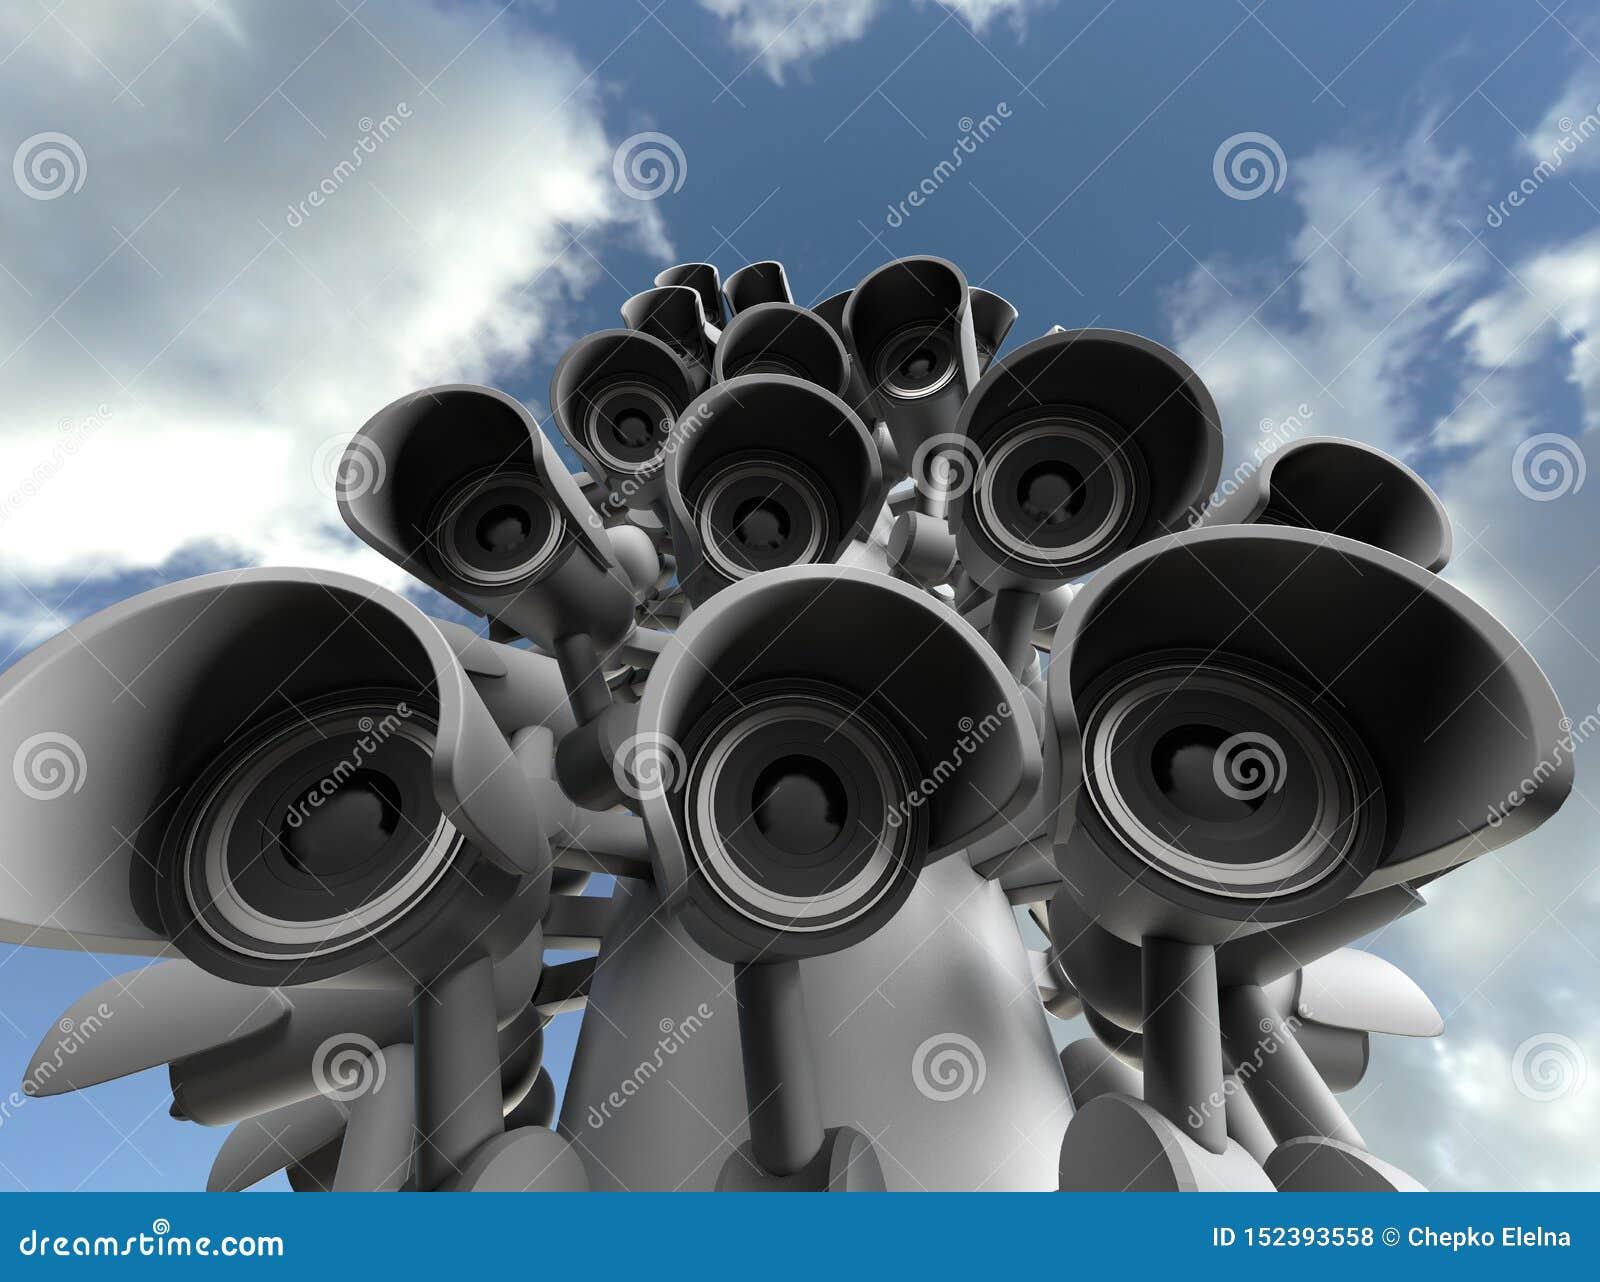 Wiele kamery bezpiecze?stwa na miasto filarze, wielki brat ogl?da ciebie Inwigilaci CCTV kamera ?wiadczenia 3 d